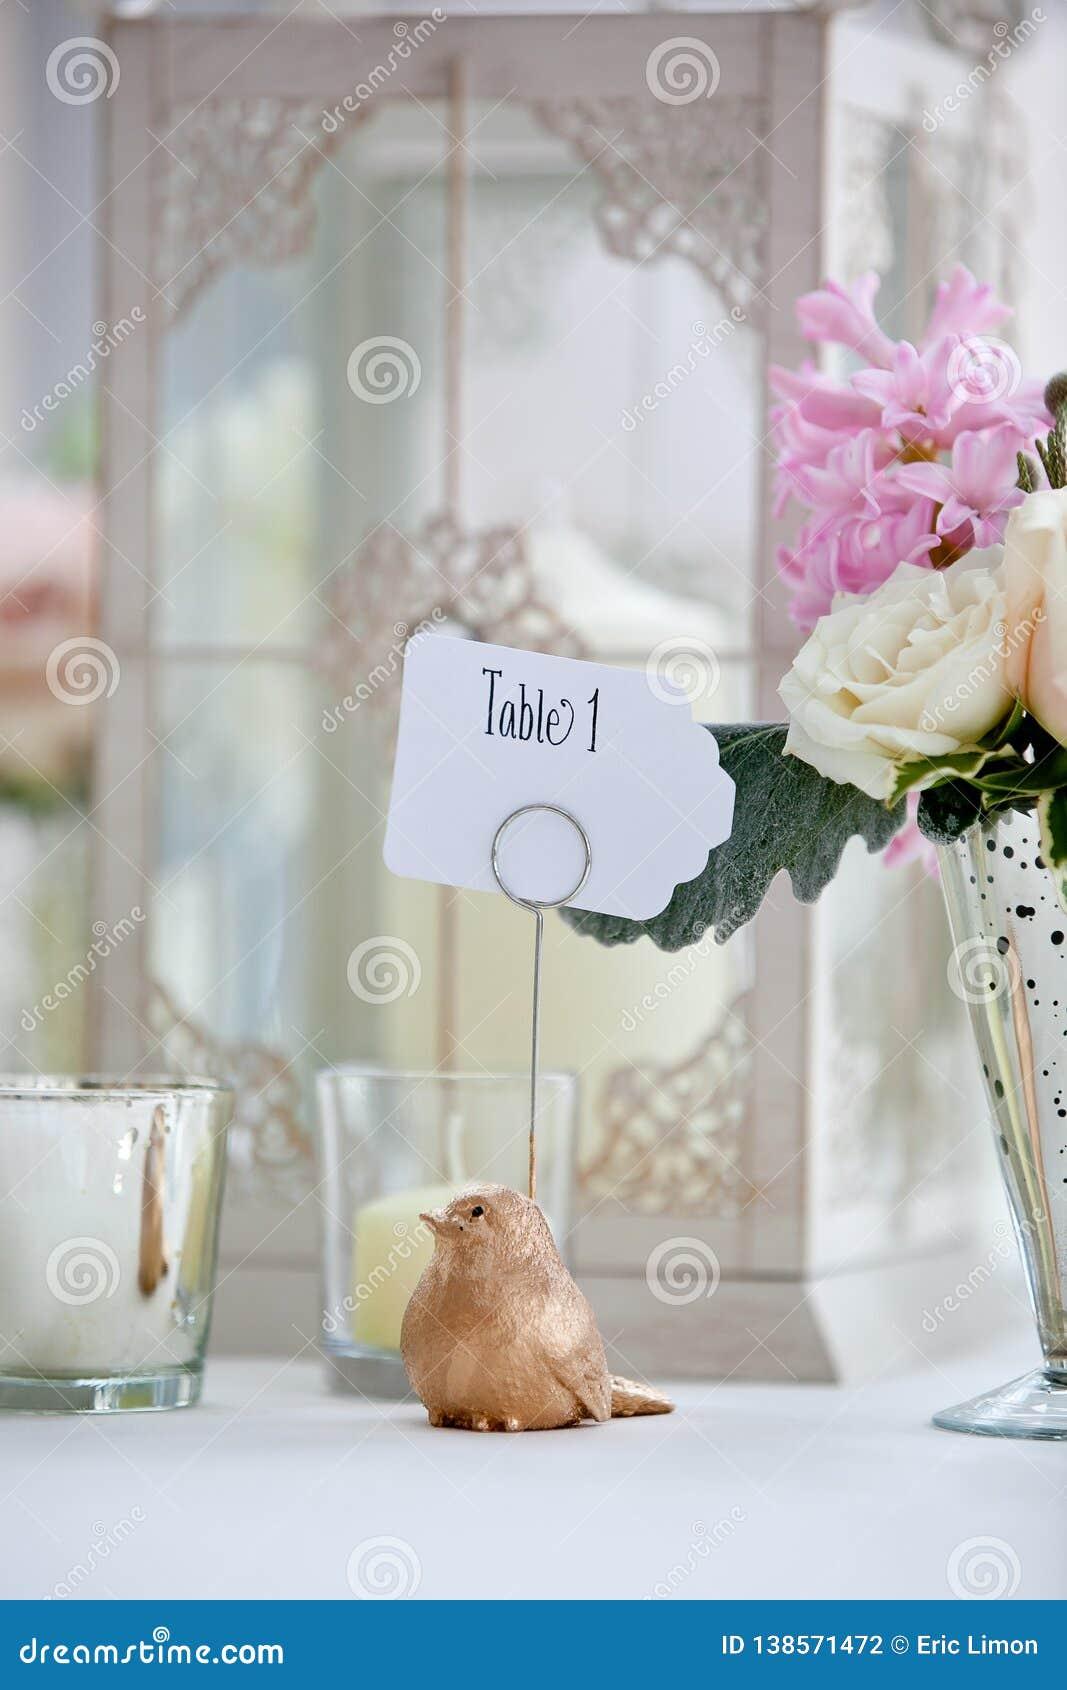 Série da decoração da tabela do casamento - ramalhete do rosa e o branco das flores e um pássaro que guarda um sinal da tabela 1